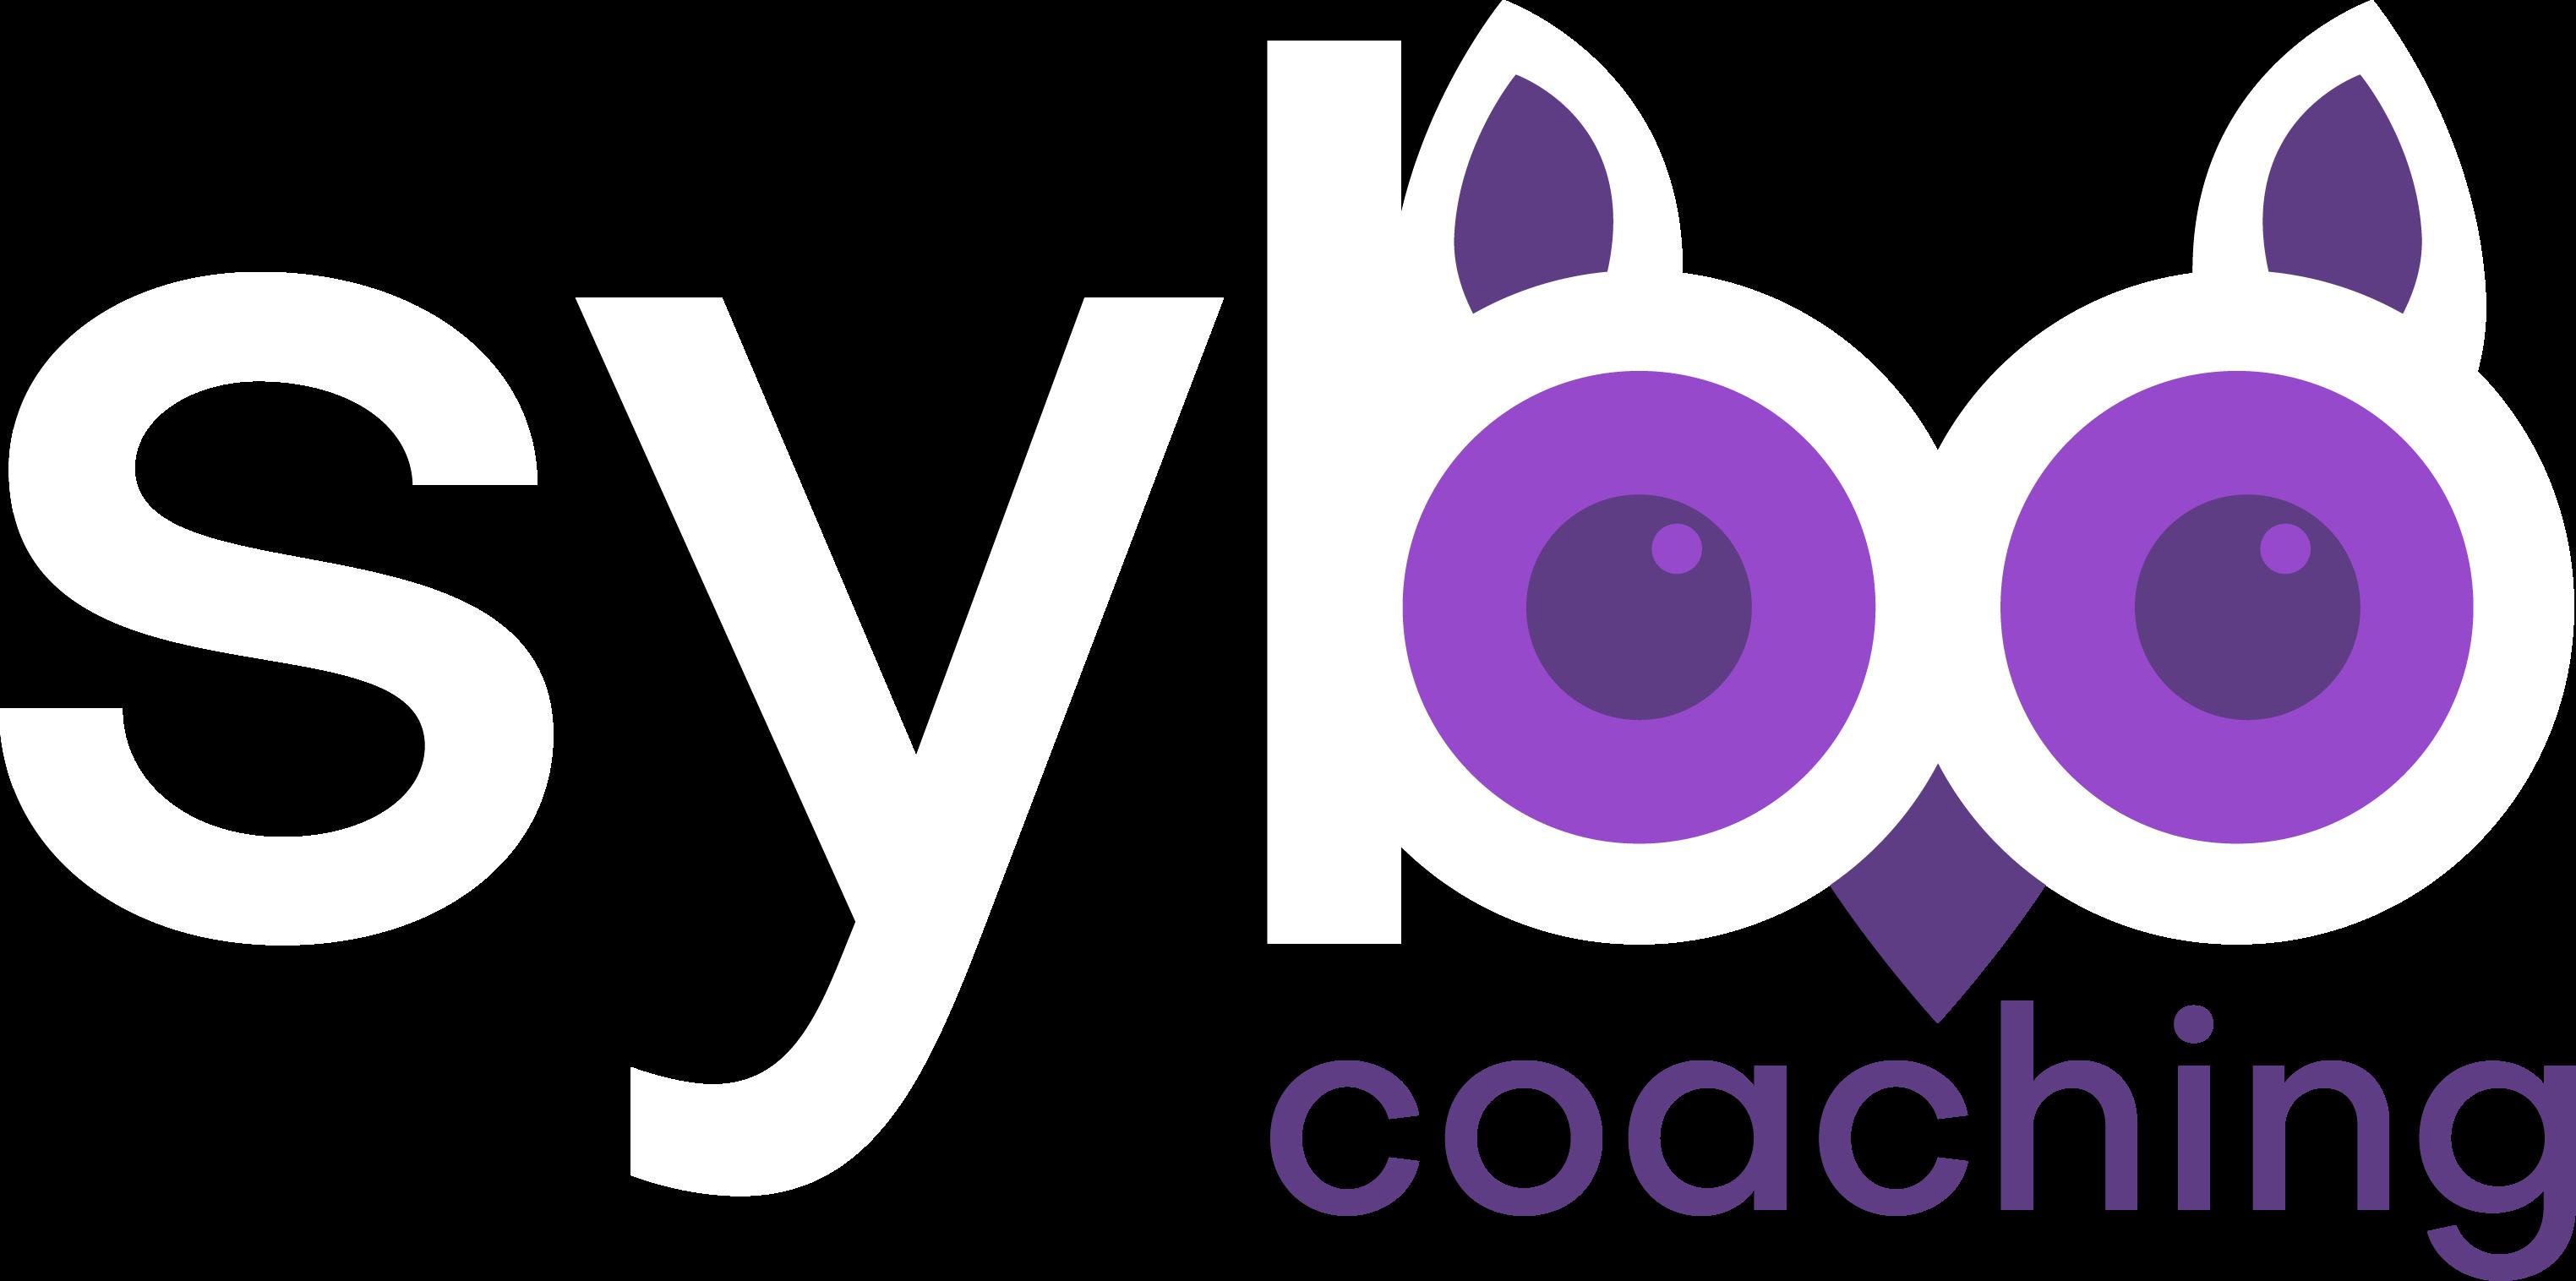 Sybocoaching